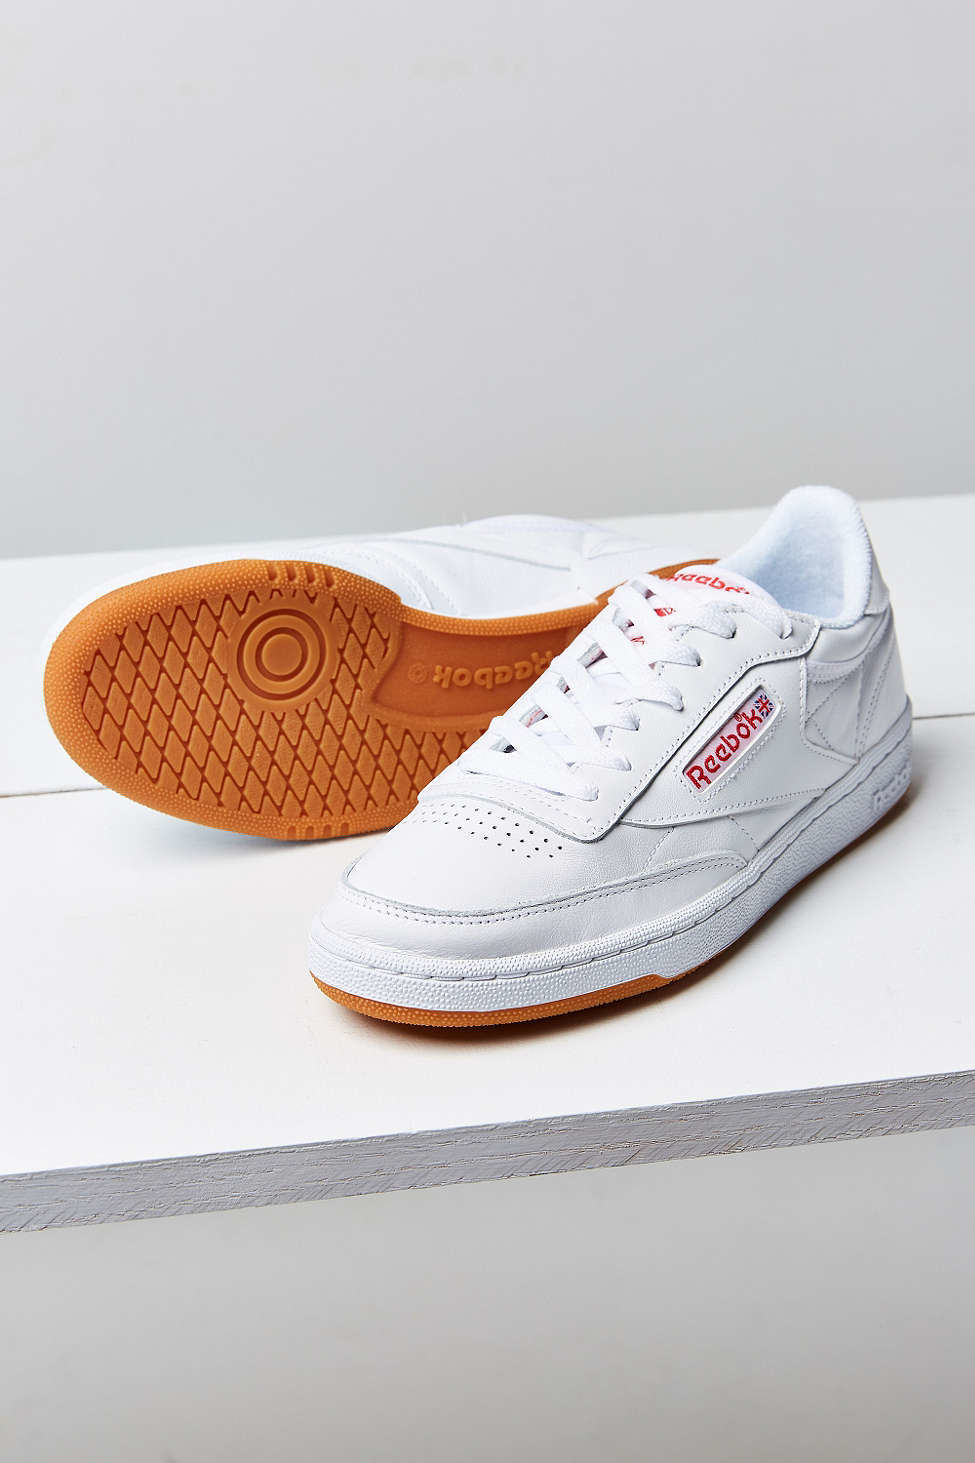 d06592463c916 Lyst - Reebok Club C 85 Gum Sole Sneaker in White